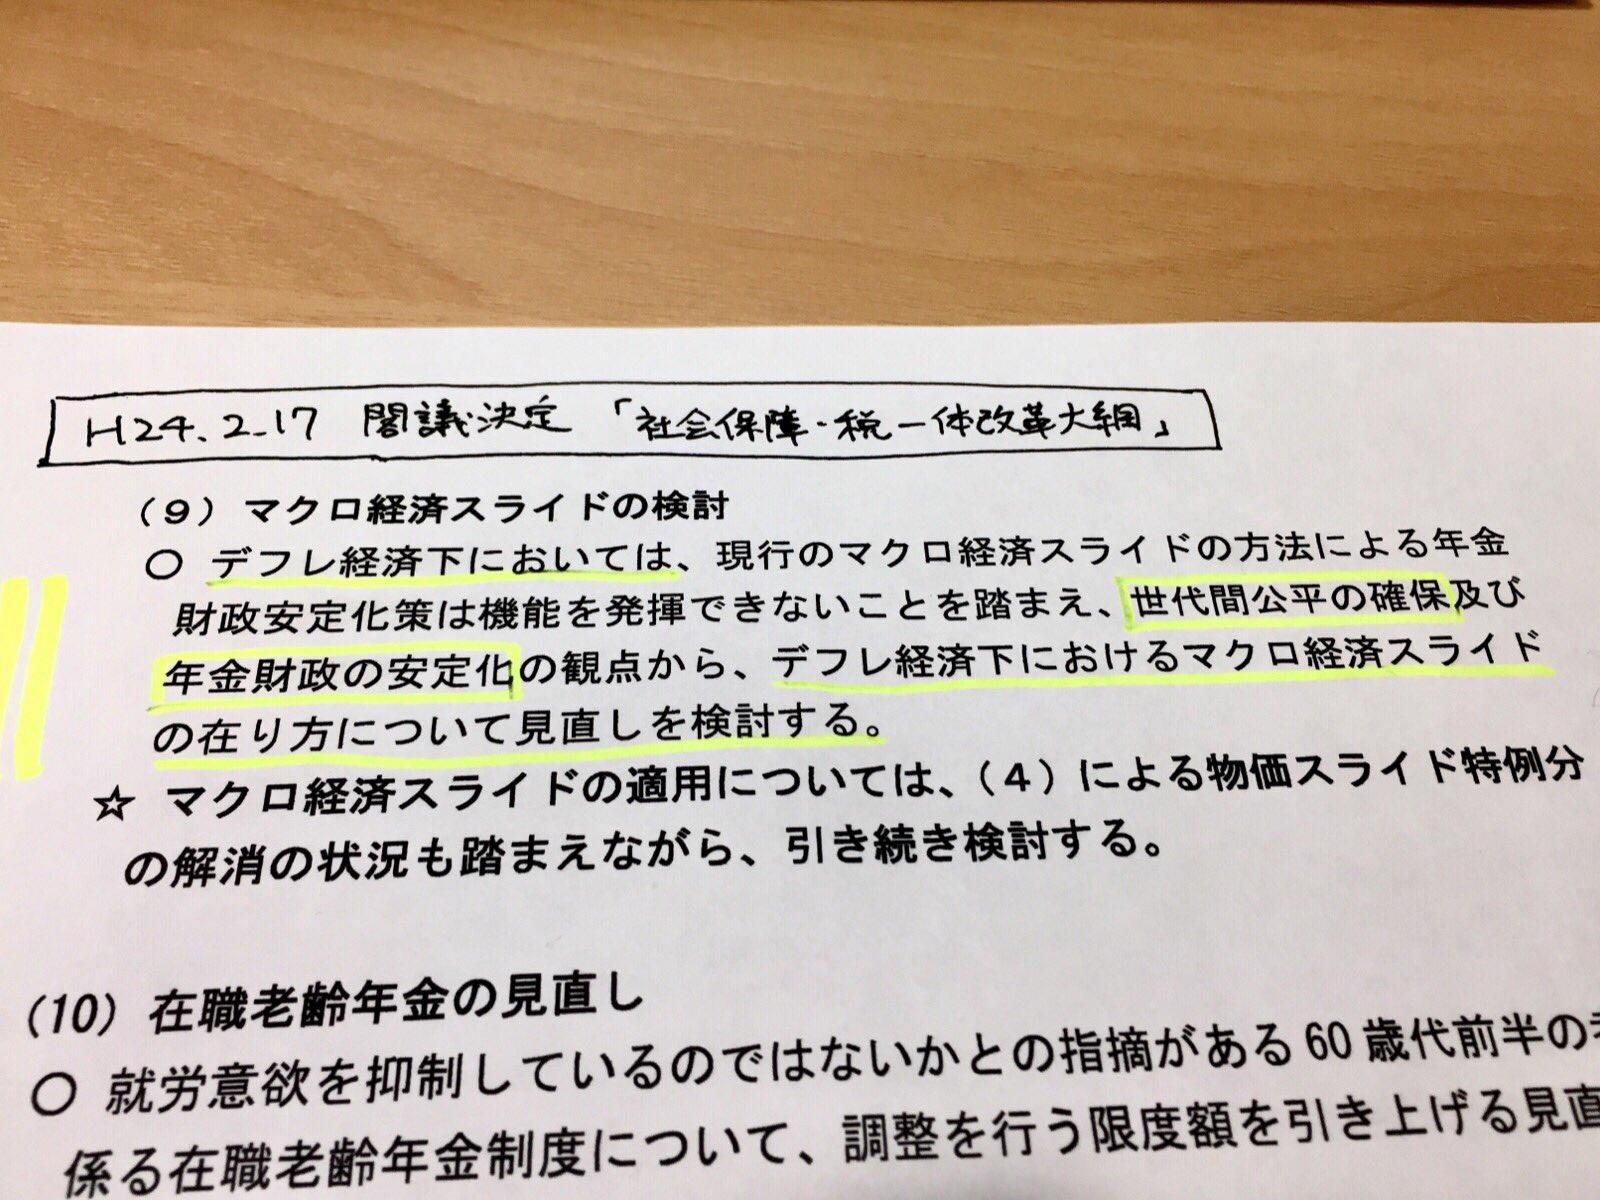 年金カット?素案を閣議決定したのは野田内閣でしょ_d0044584_1412865.jpg